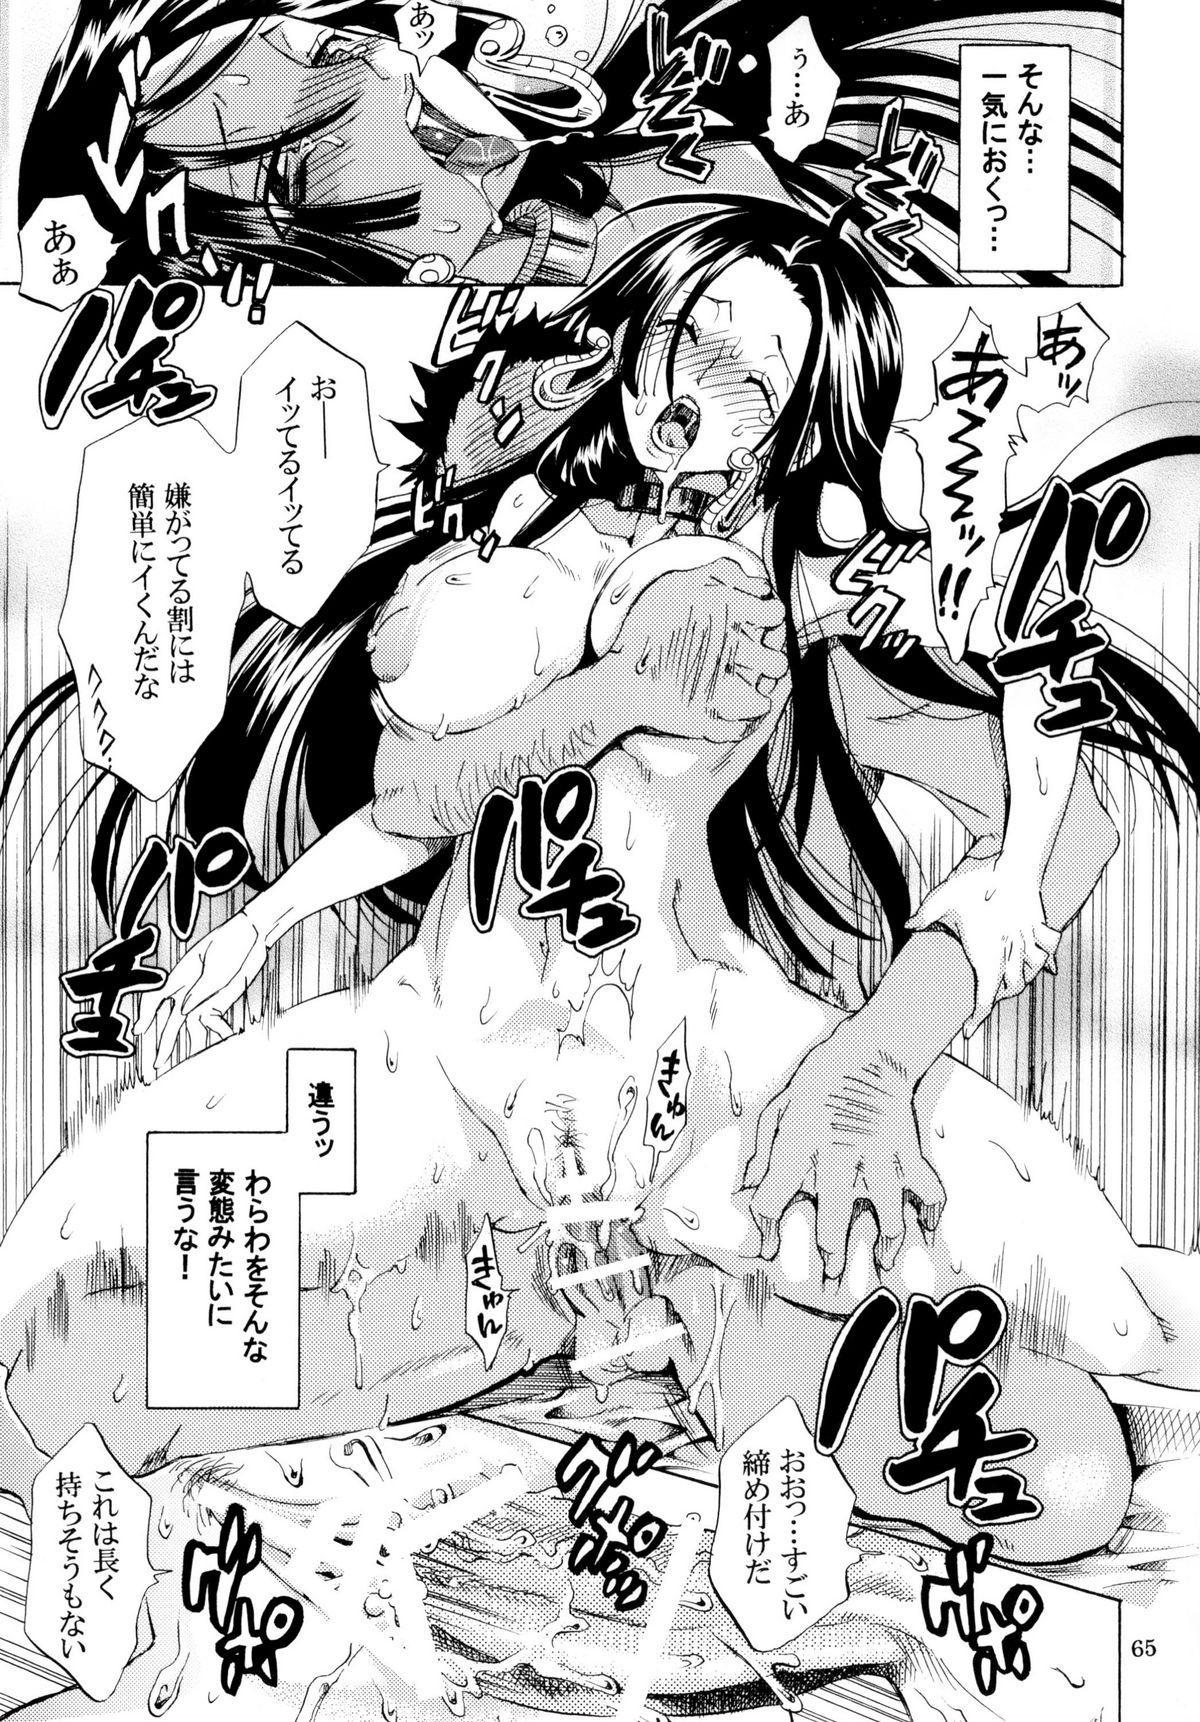 Yokujou Pirates 62